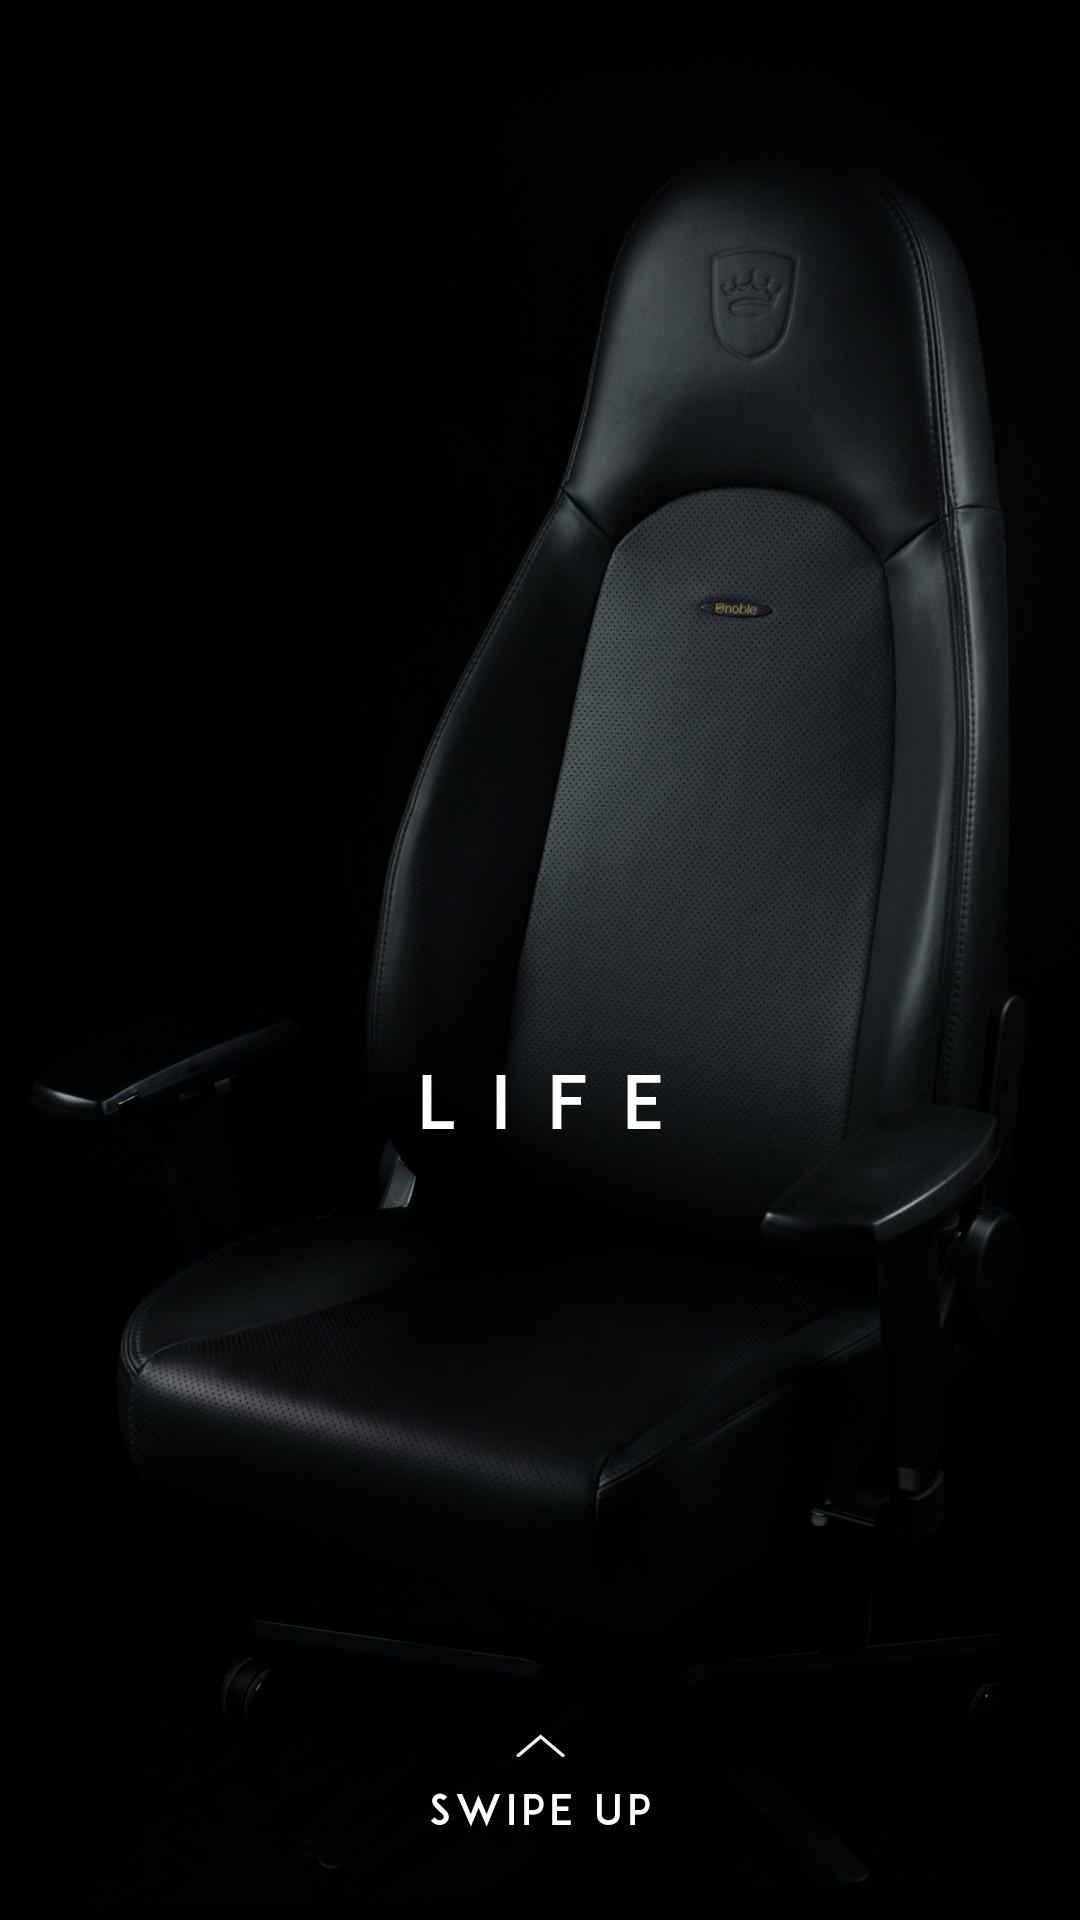 noble-icon-IGstoryAD-ride-04